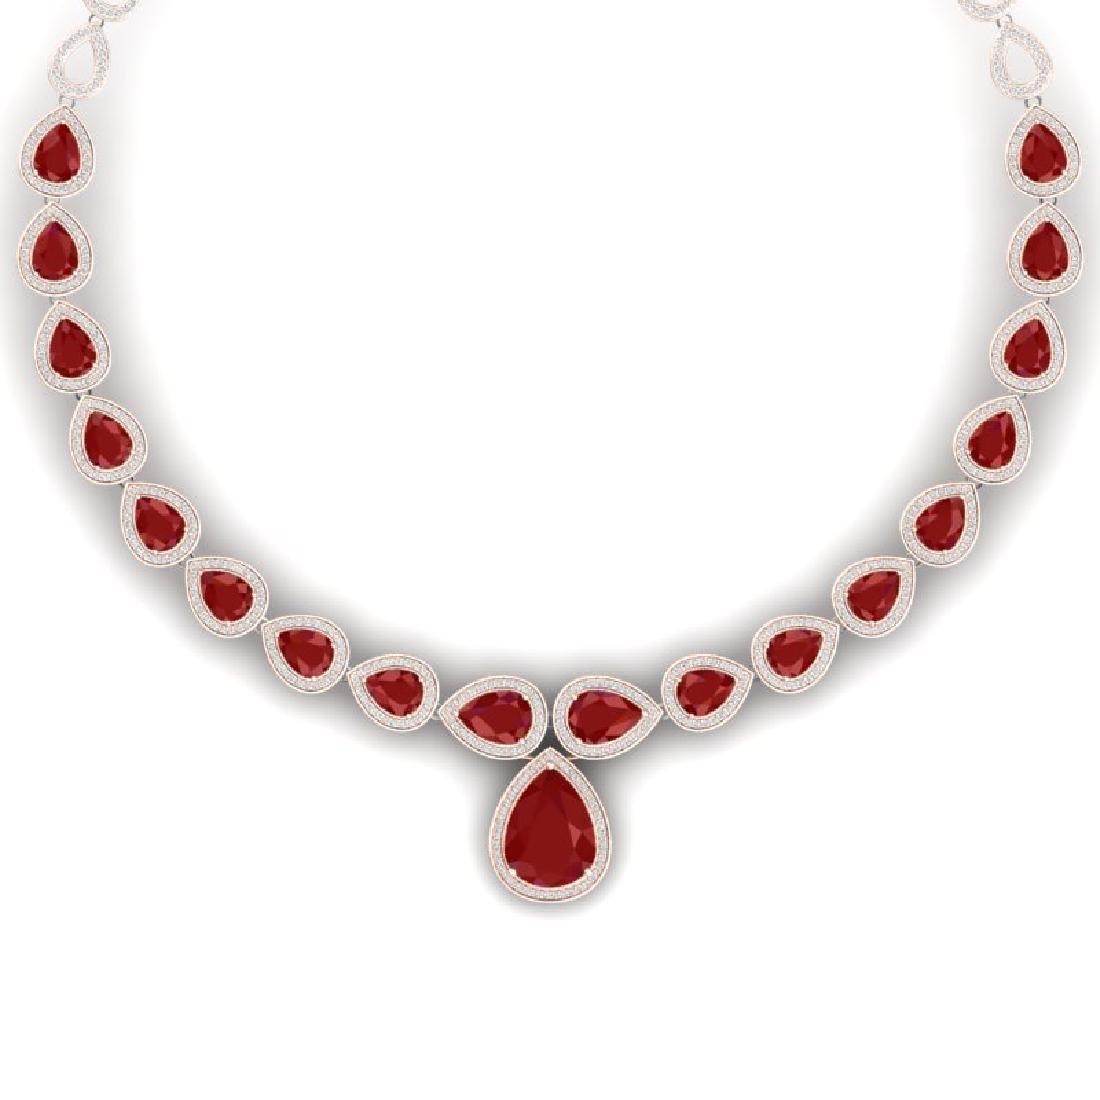 51.41 CTW Royalty Ruby & VS Diamond Necklace 18K Rose